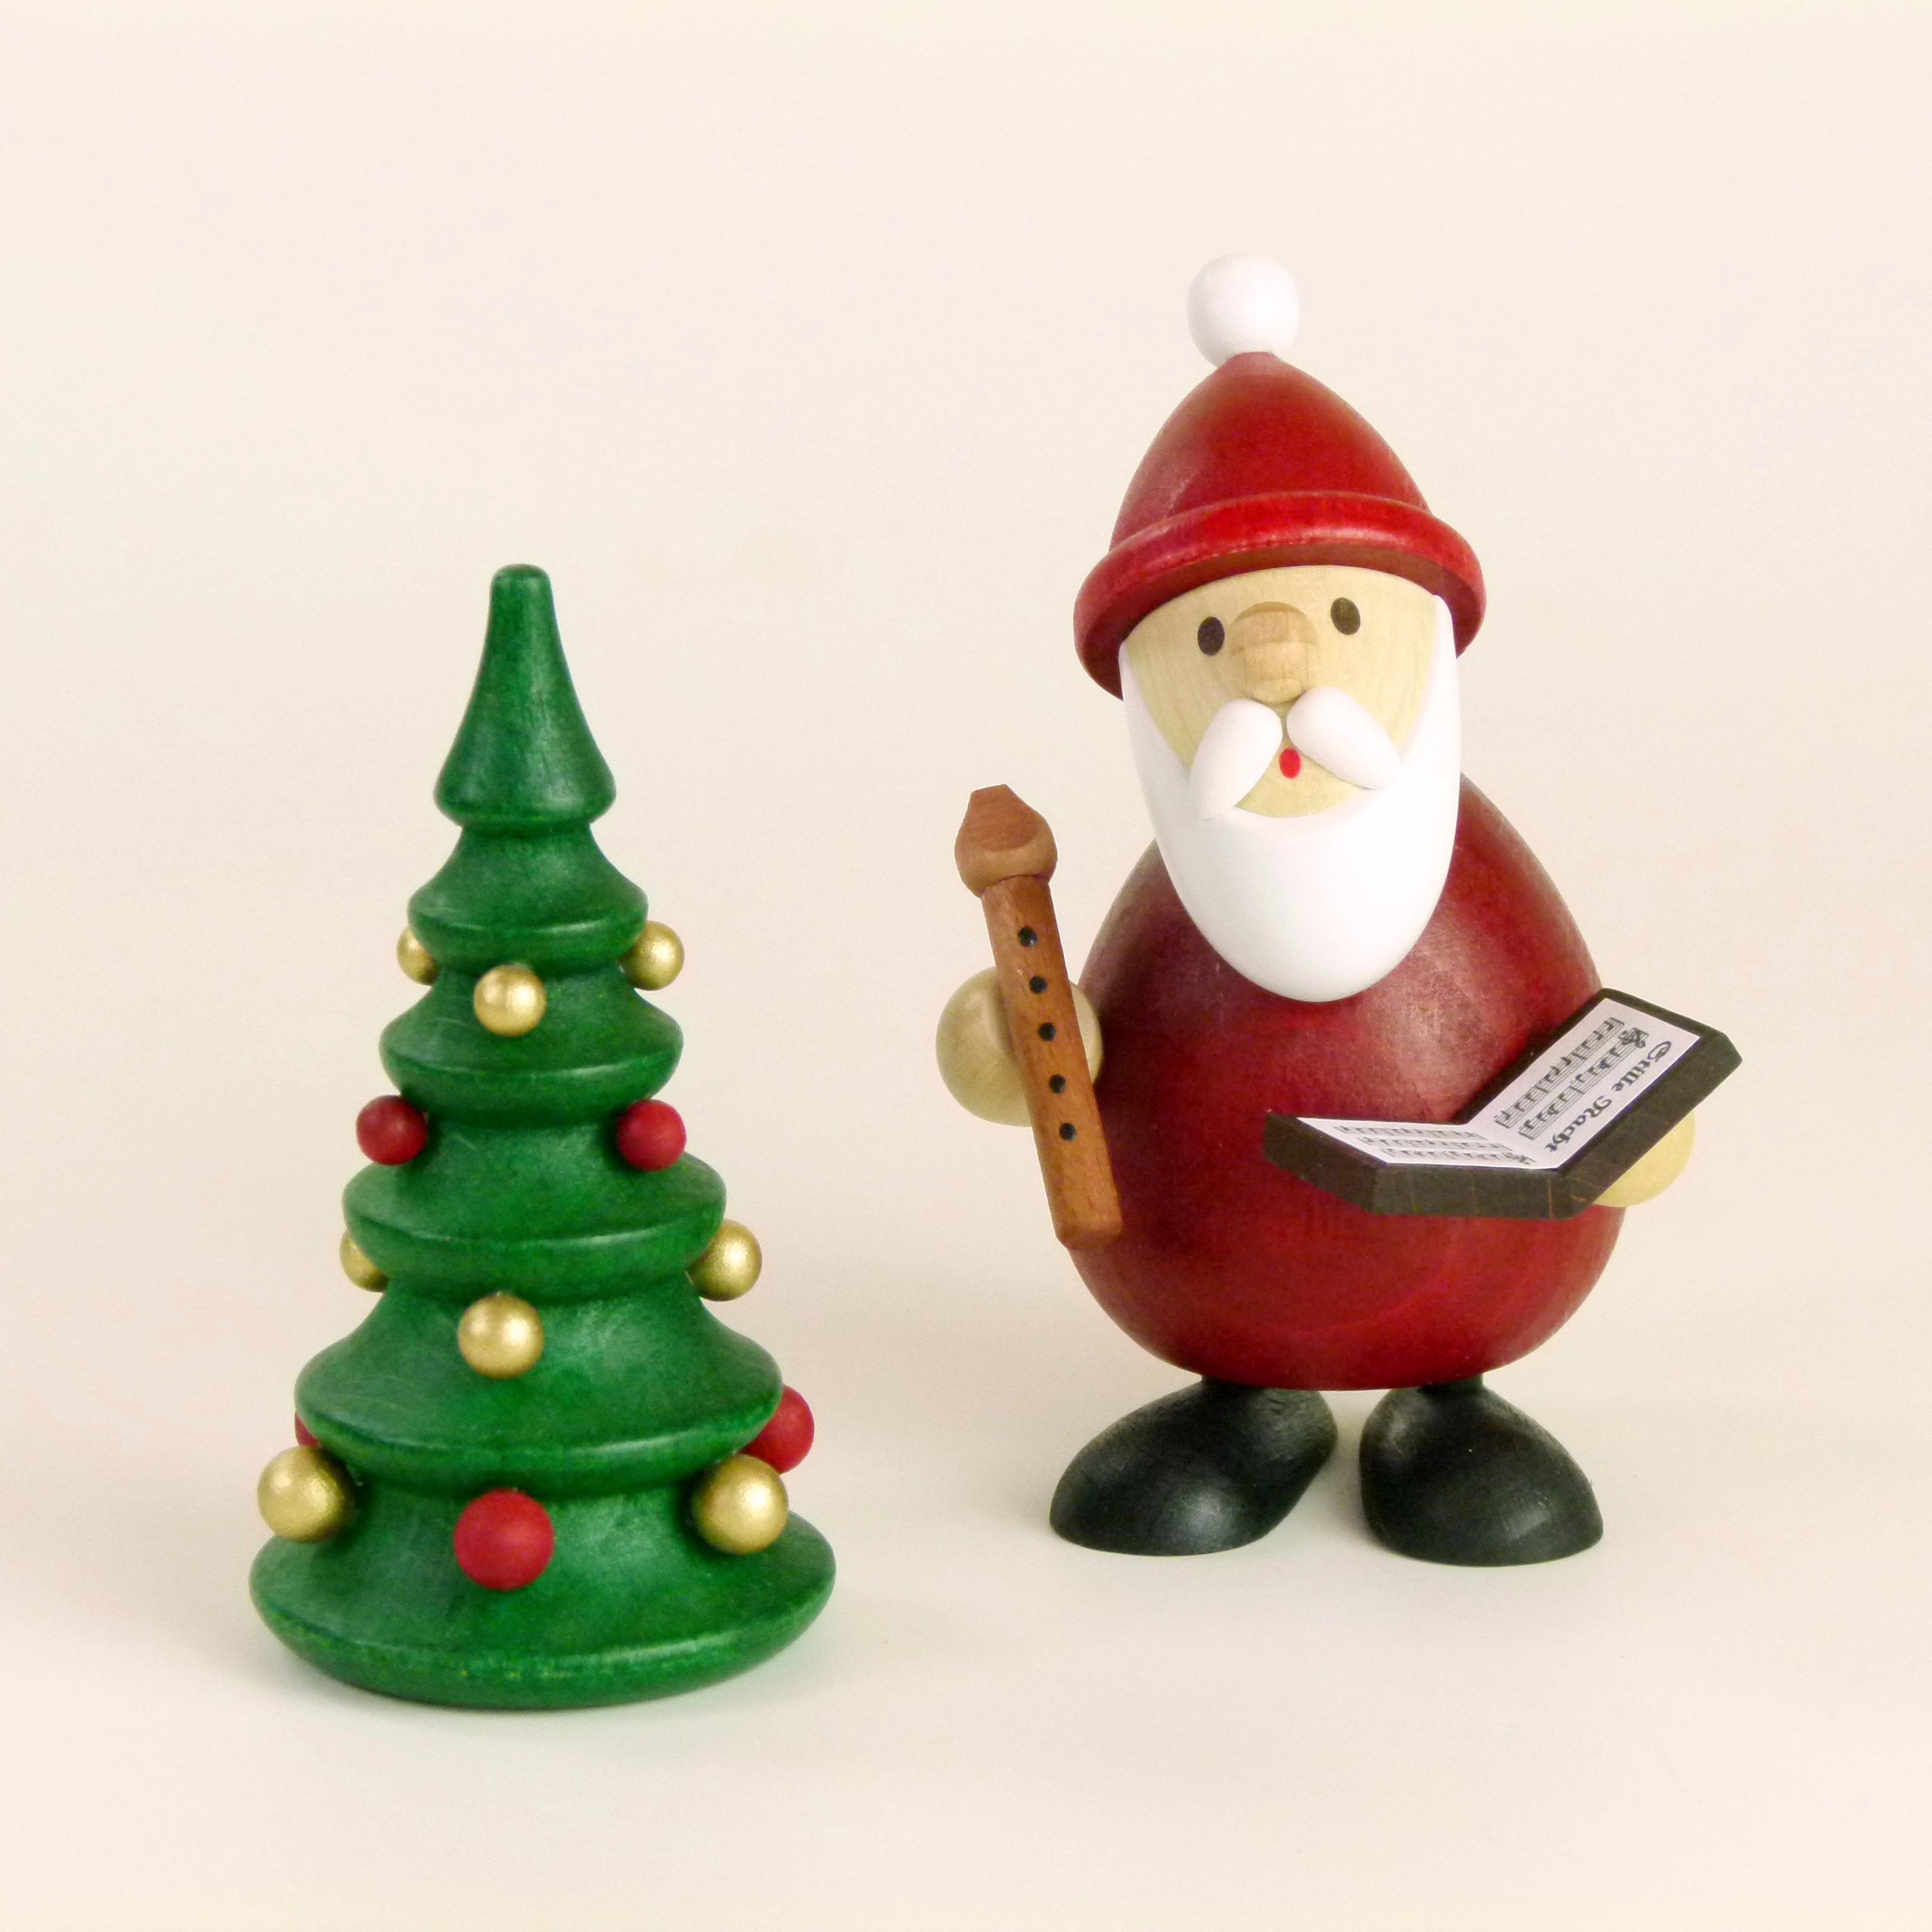 Weihnachtsmann mit Buch, Flöte und Weihnachtsbaum als weihnachtlicher Tischschmuck